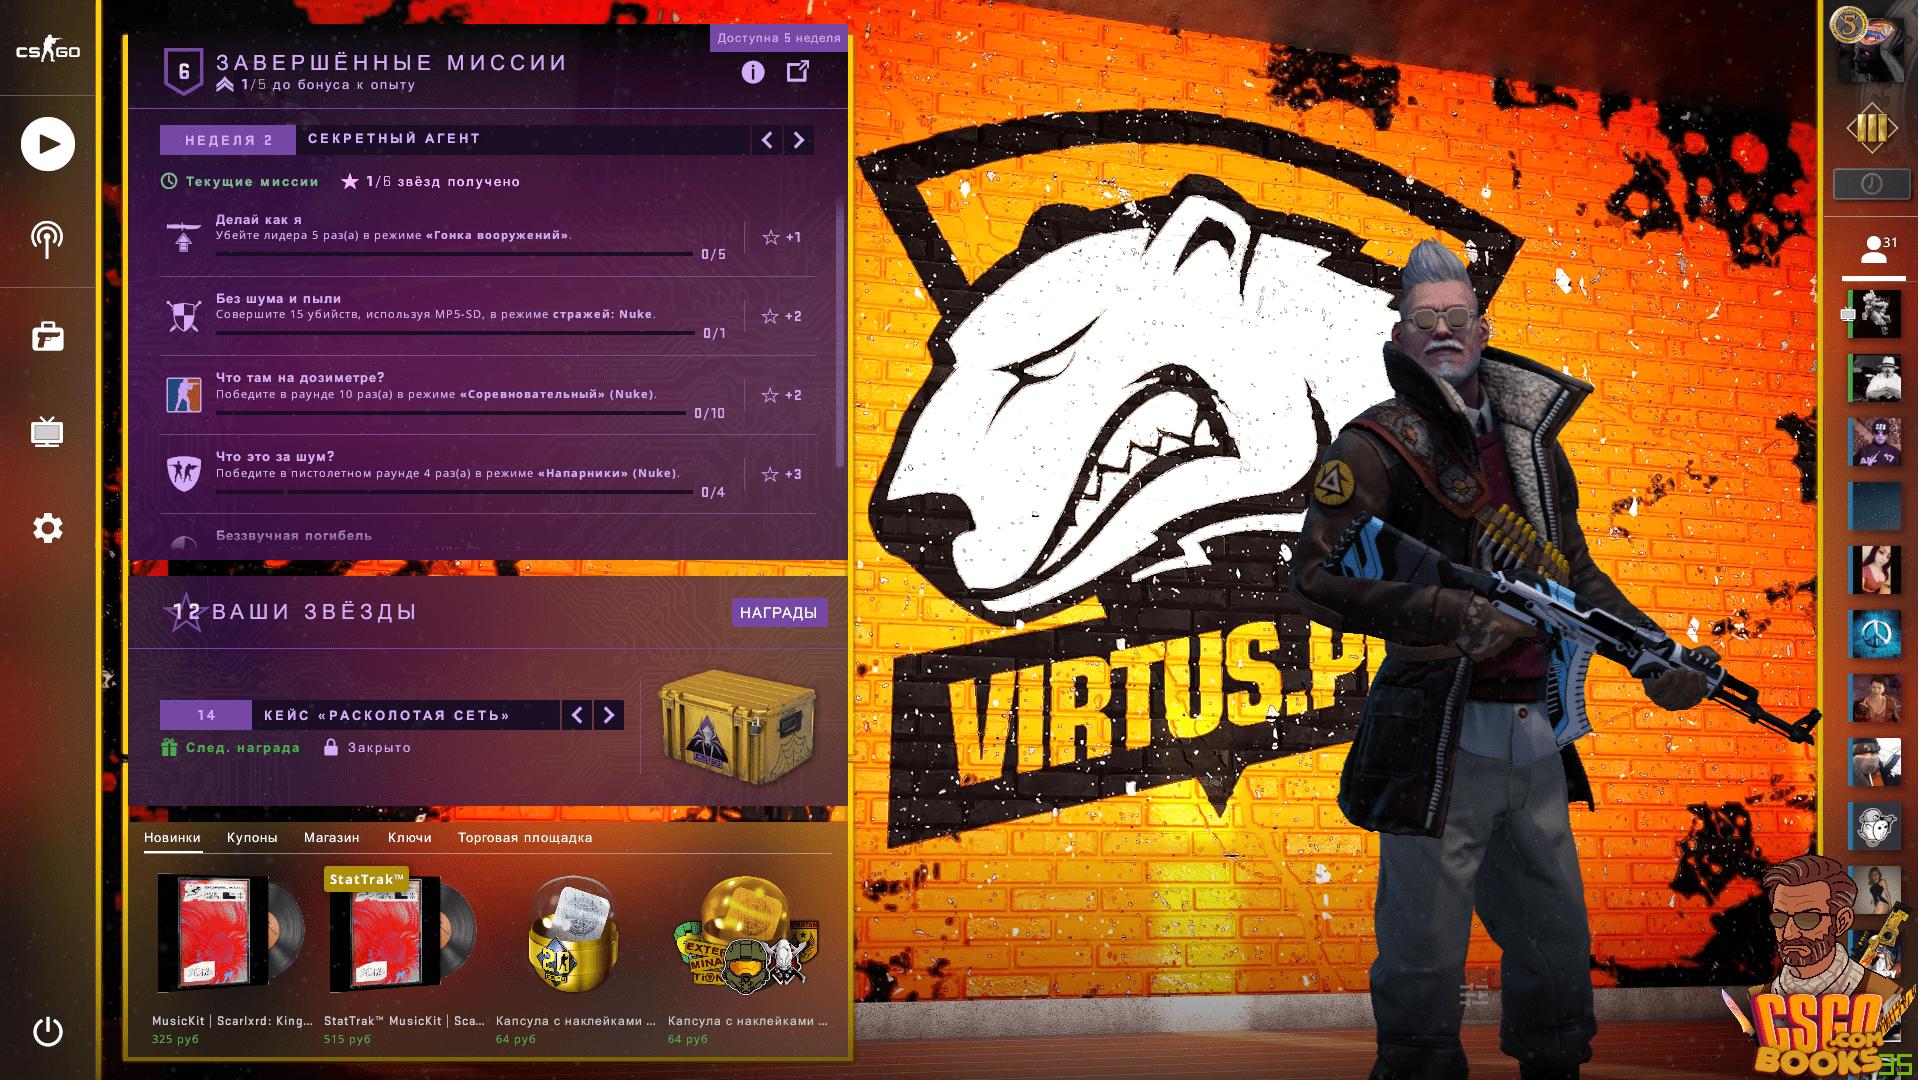 Virtus Pro Panorama UI